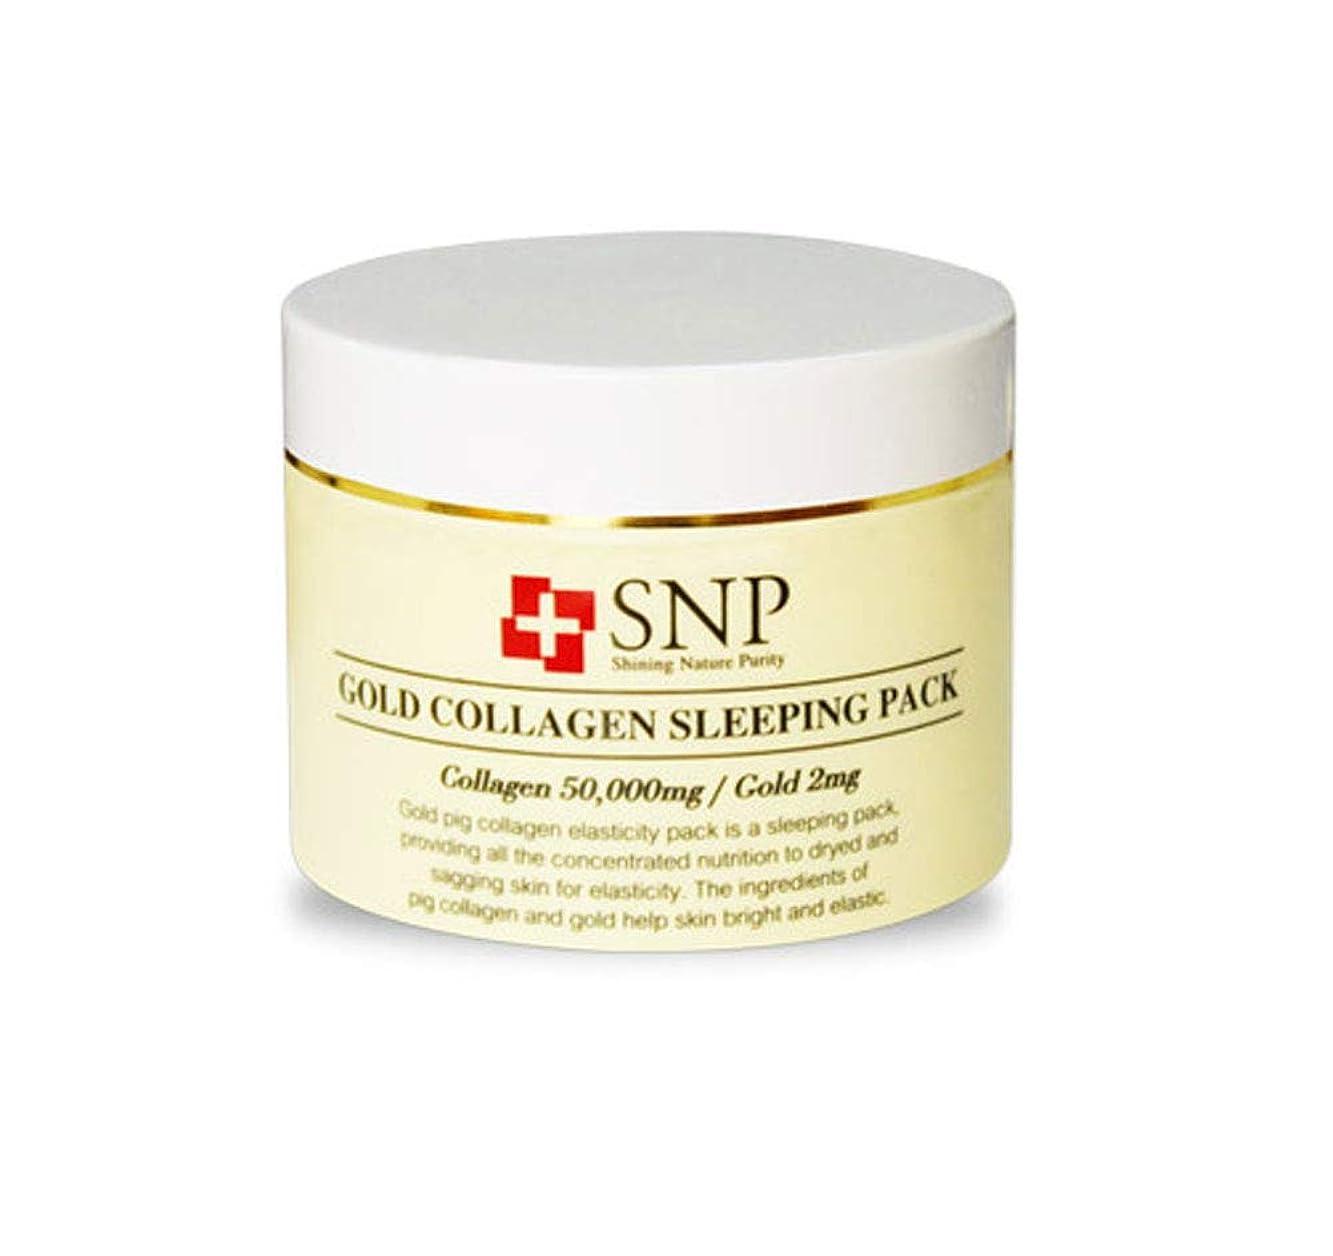 キャリッジ怒って差別するエスエンピSNP 韓国コスメ ゴールドコラーゲンスリーピングパック睡眠パック100g 海外直送品 SNP Gold Collagen Sleeping Pack Night Cream [並行輸入品]